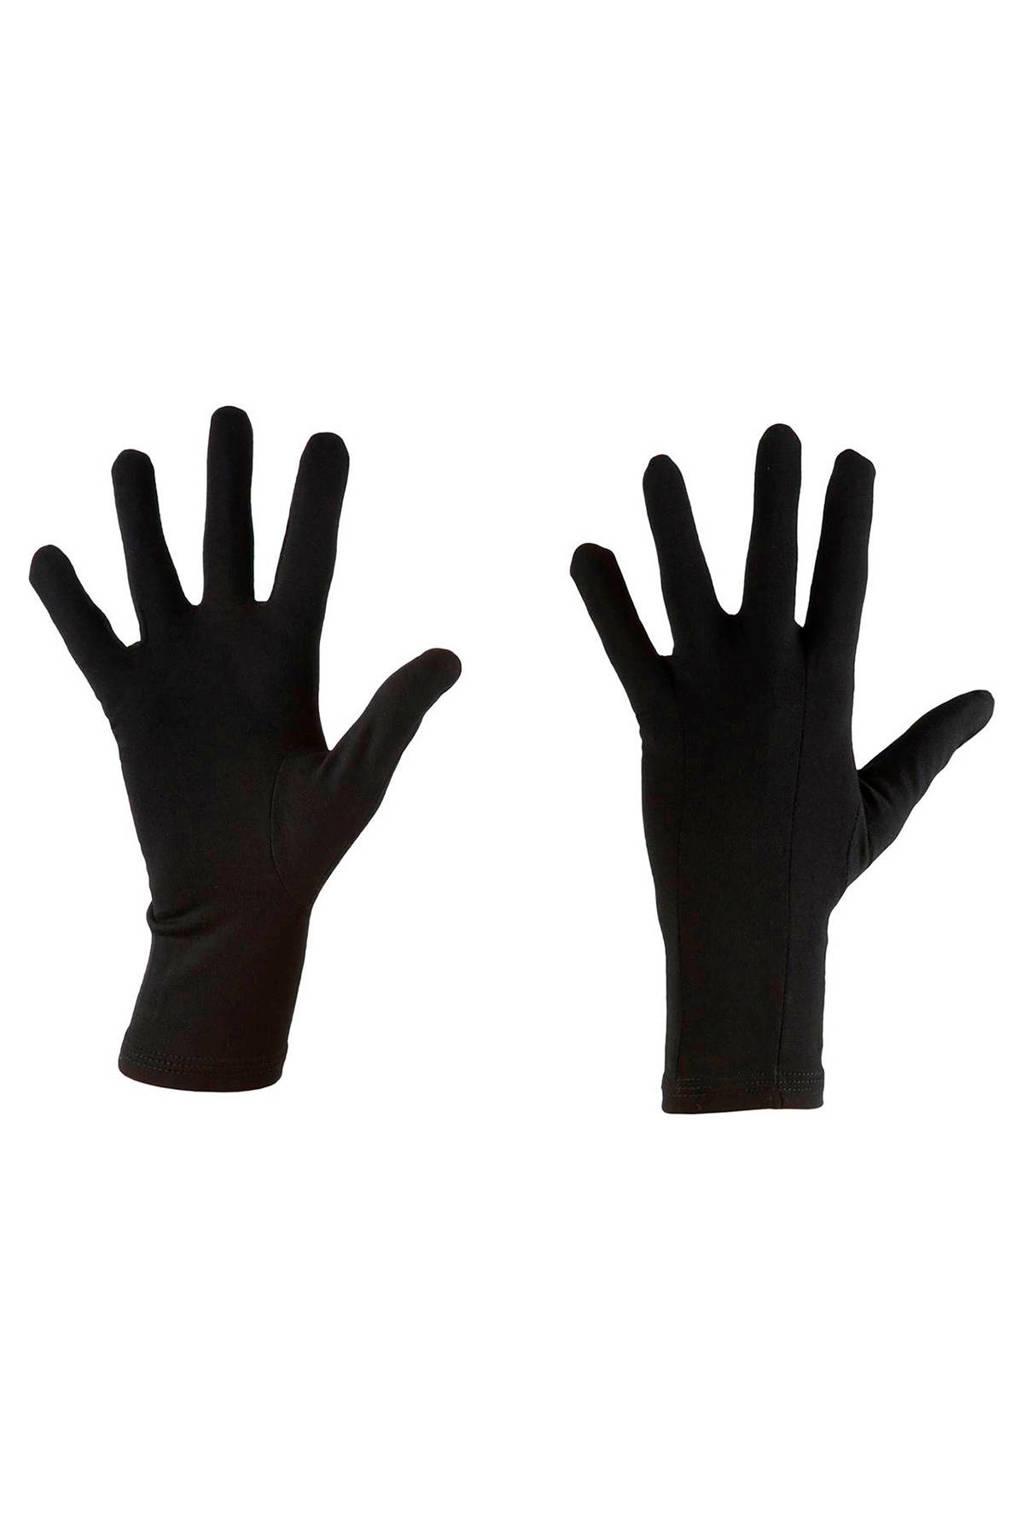 Icebreaker   unisex sporthandschoenen Oasis merinowol, Black